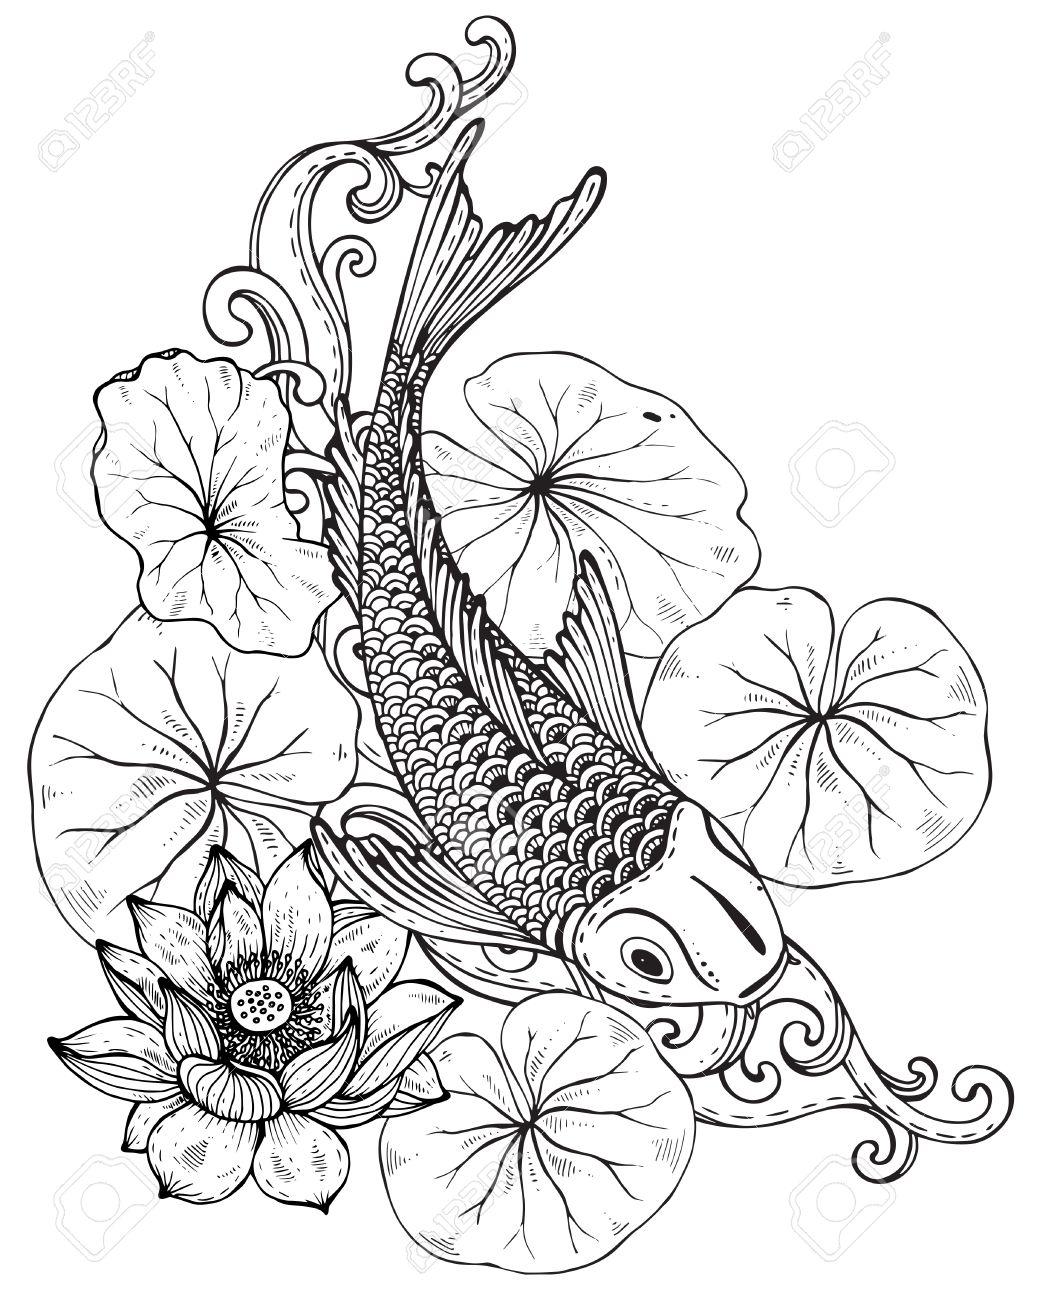 Mano Vector Dibujado La Ilustración De Los Peces Koi (carpa Japonesa ...